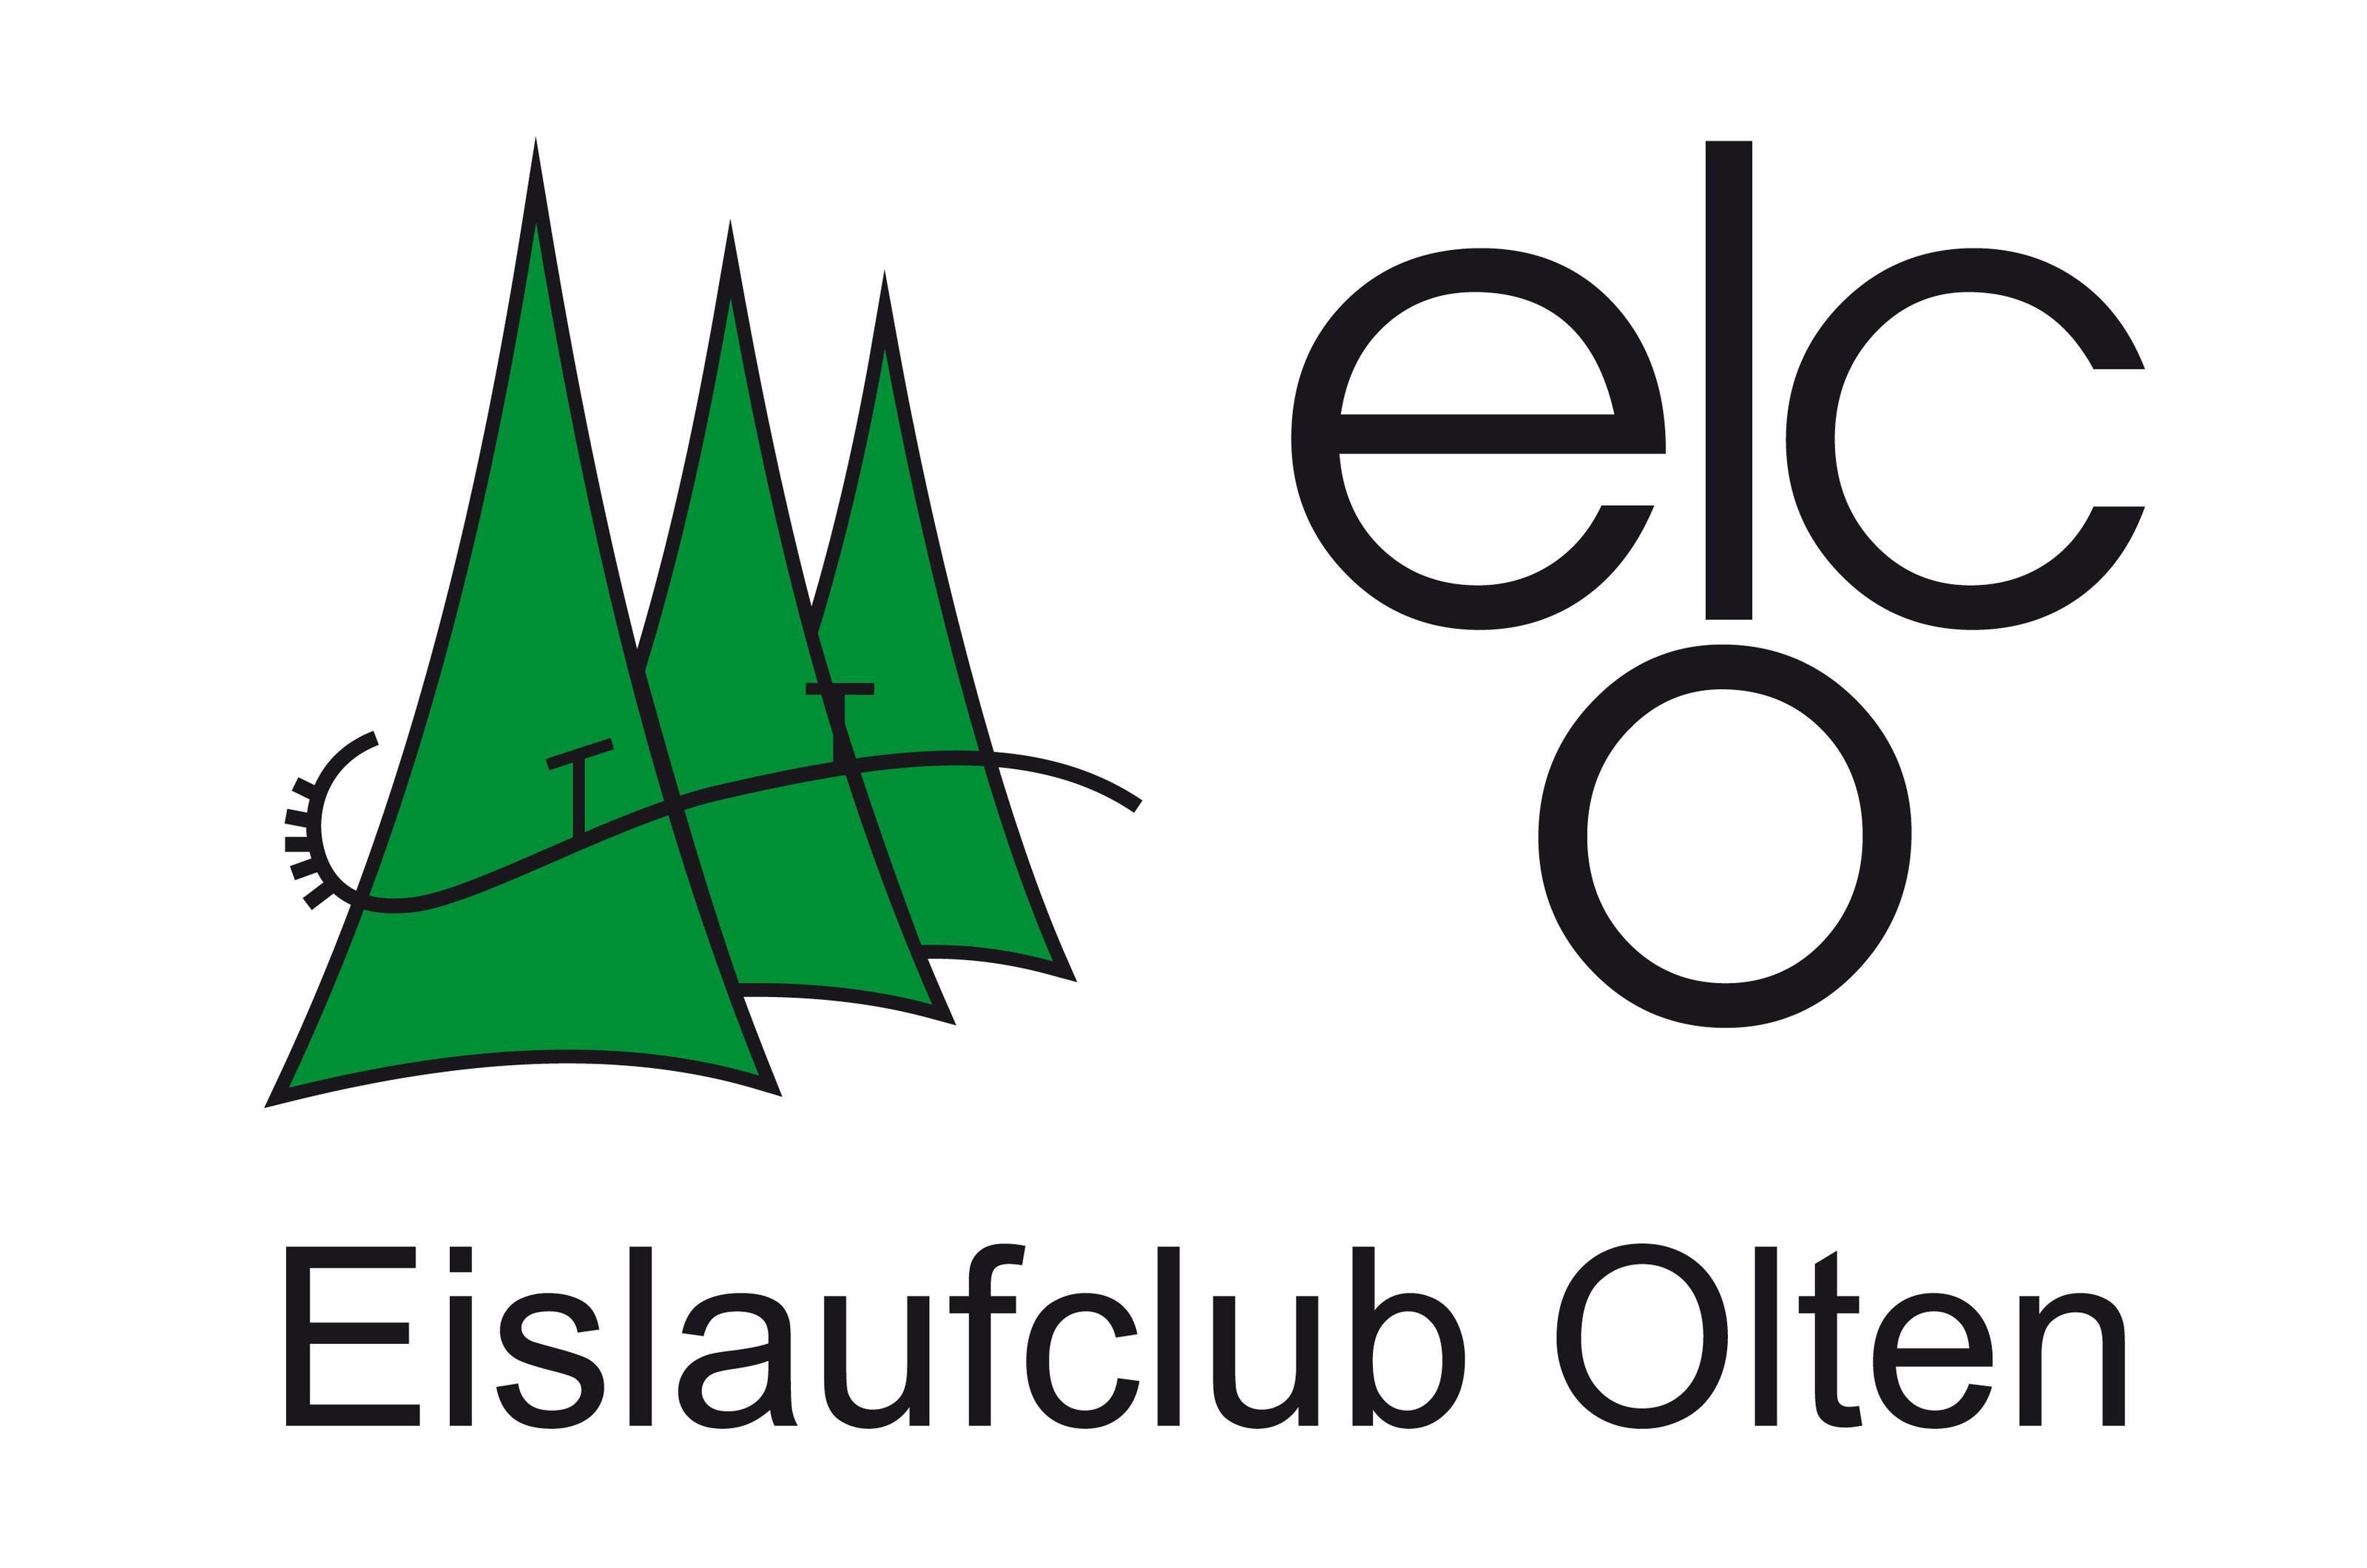 Eislaufclub Olten